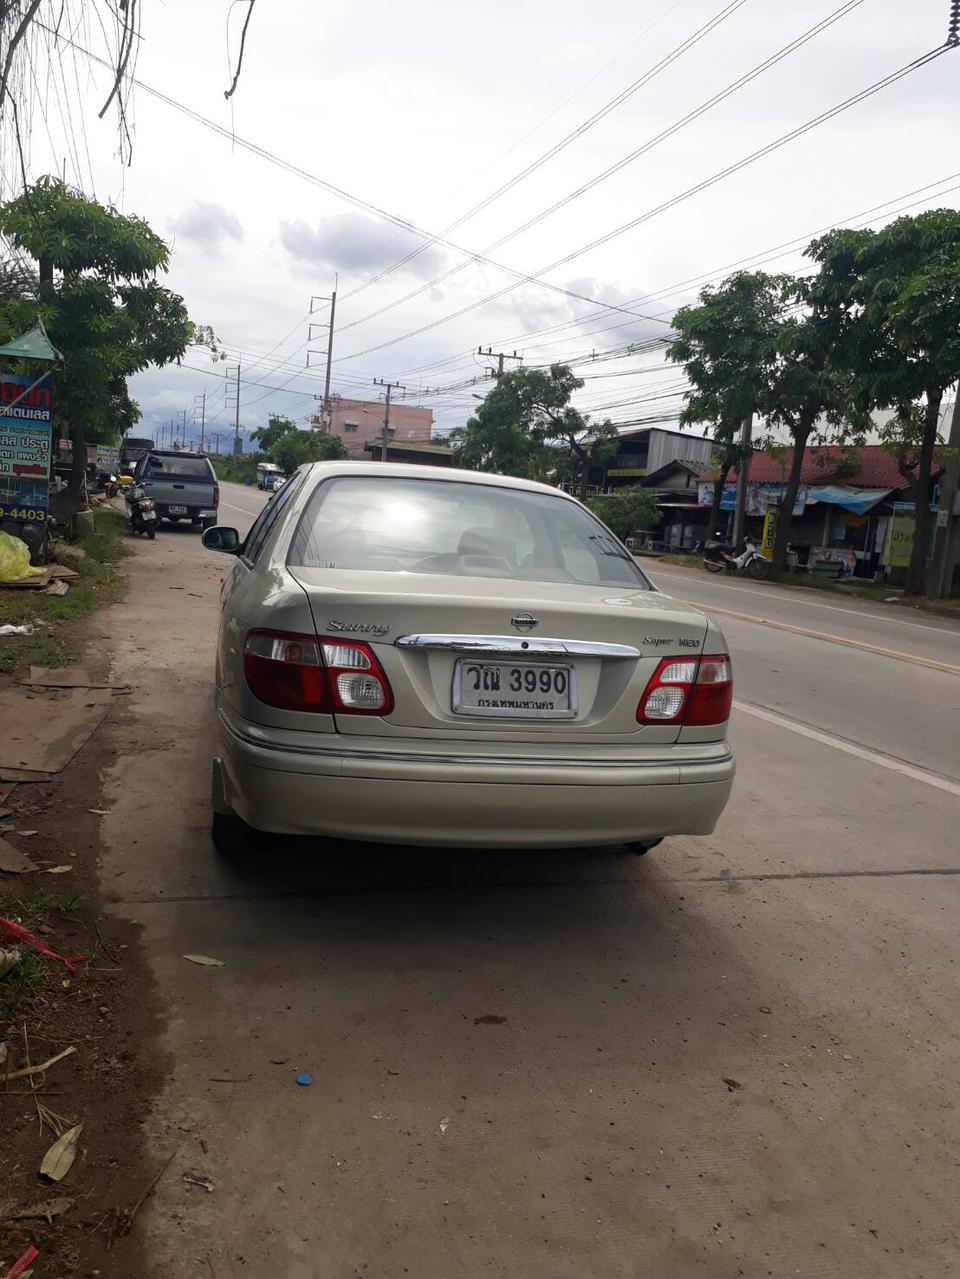 ขายรถเก๋ง Nissan sunny neo อำเภอเมือง จังหวัดสมุทรสาคร รูปที่ 4